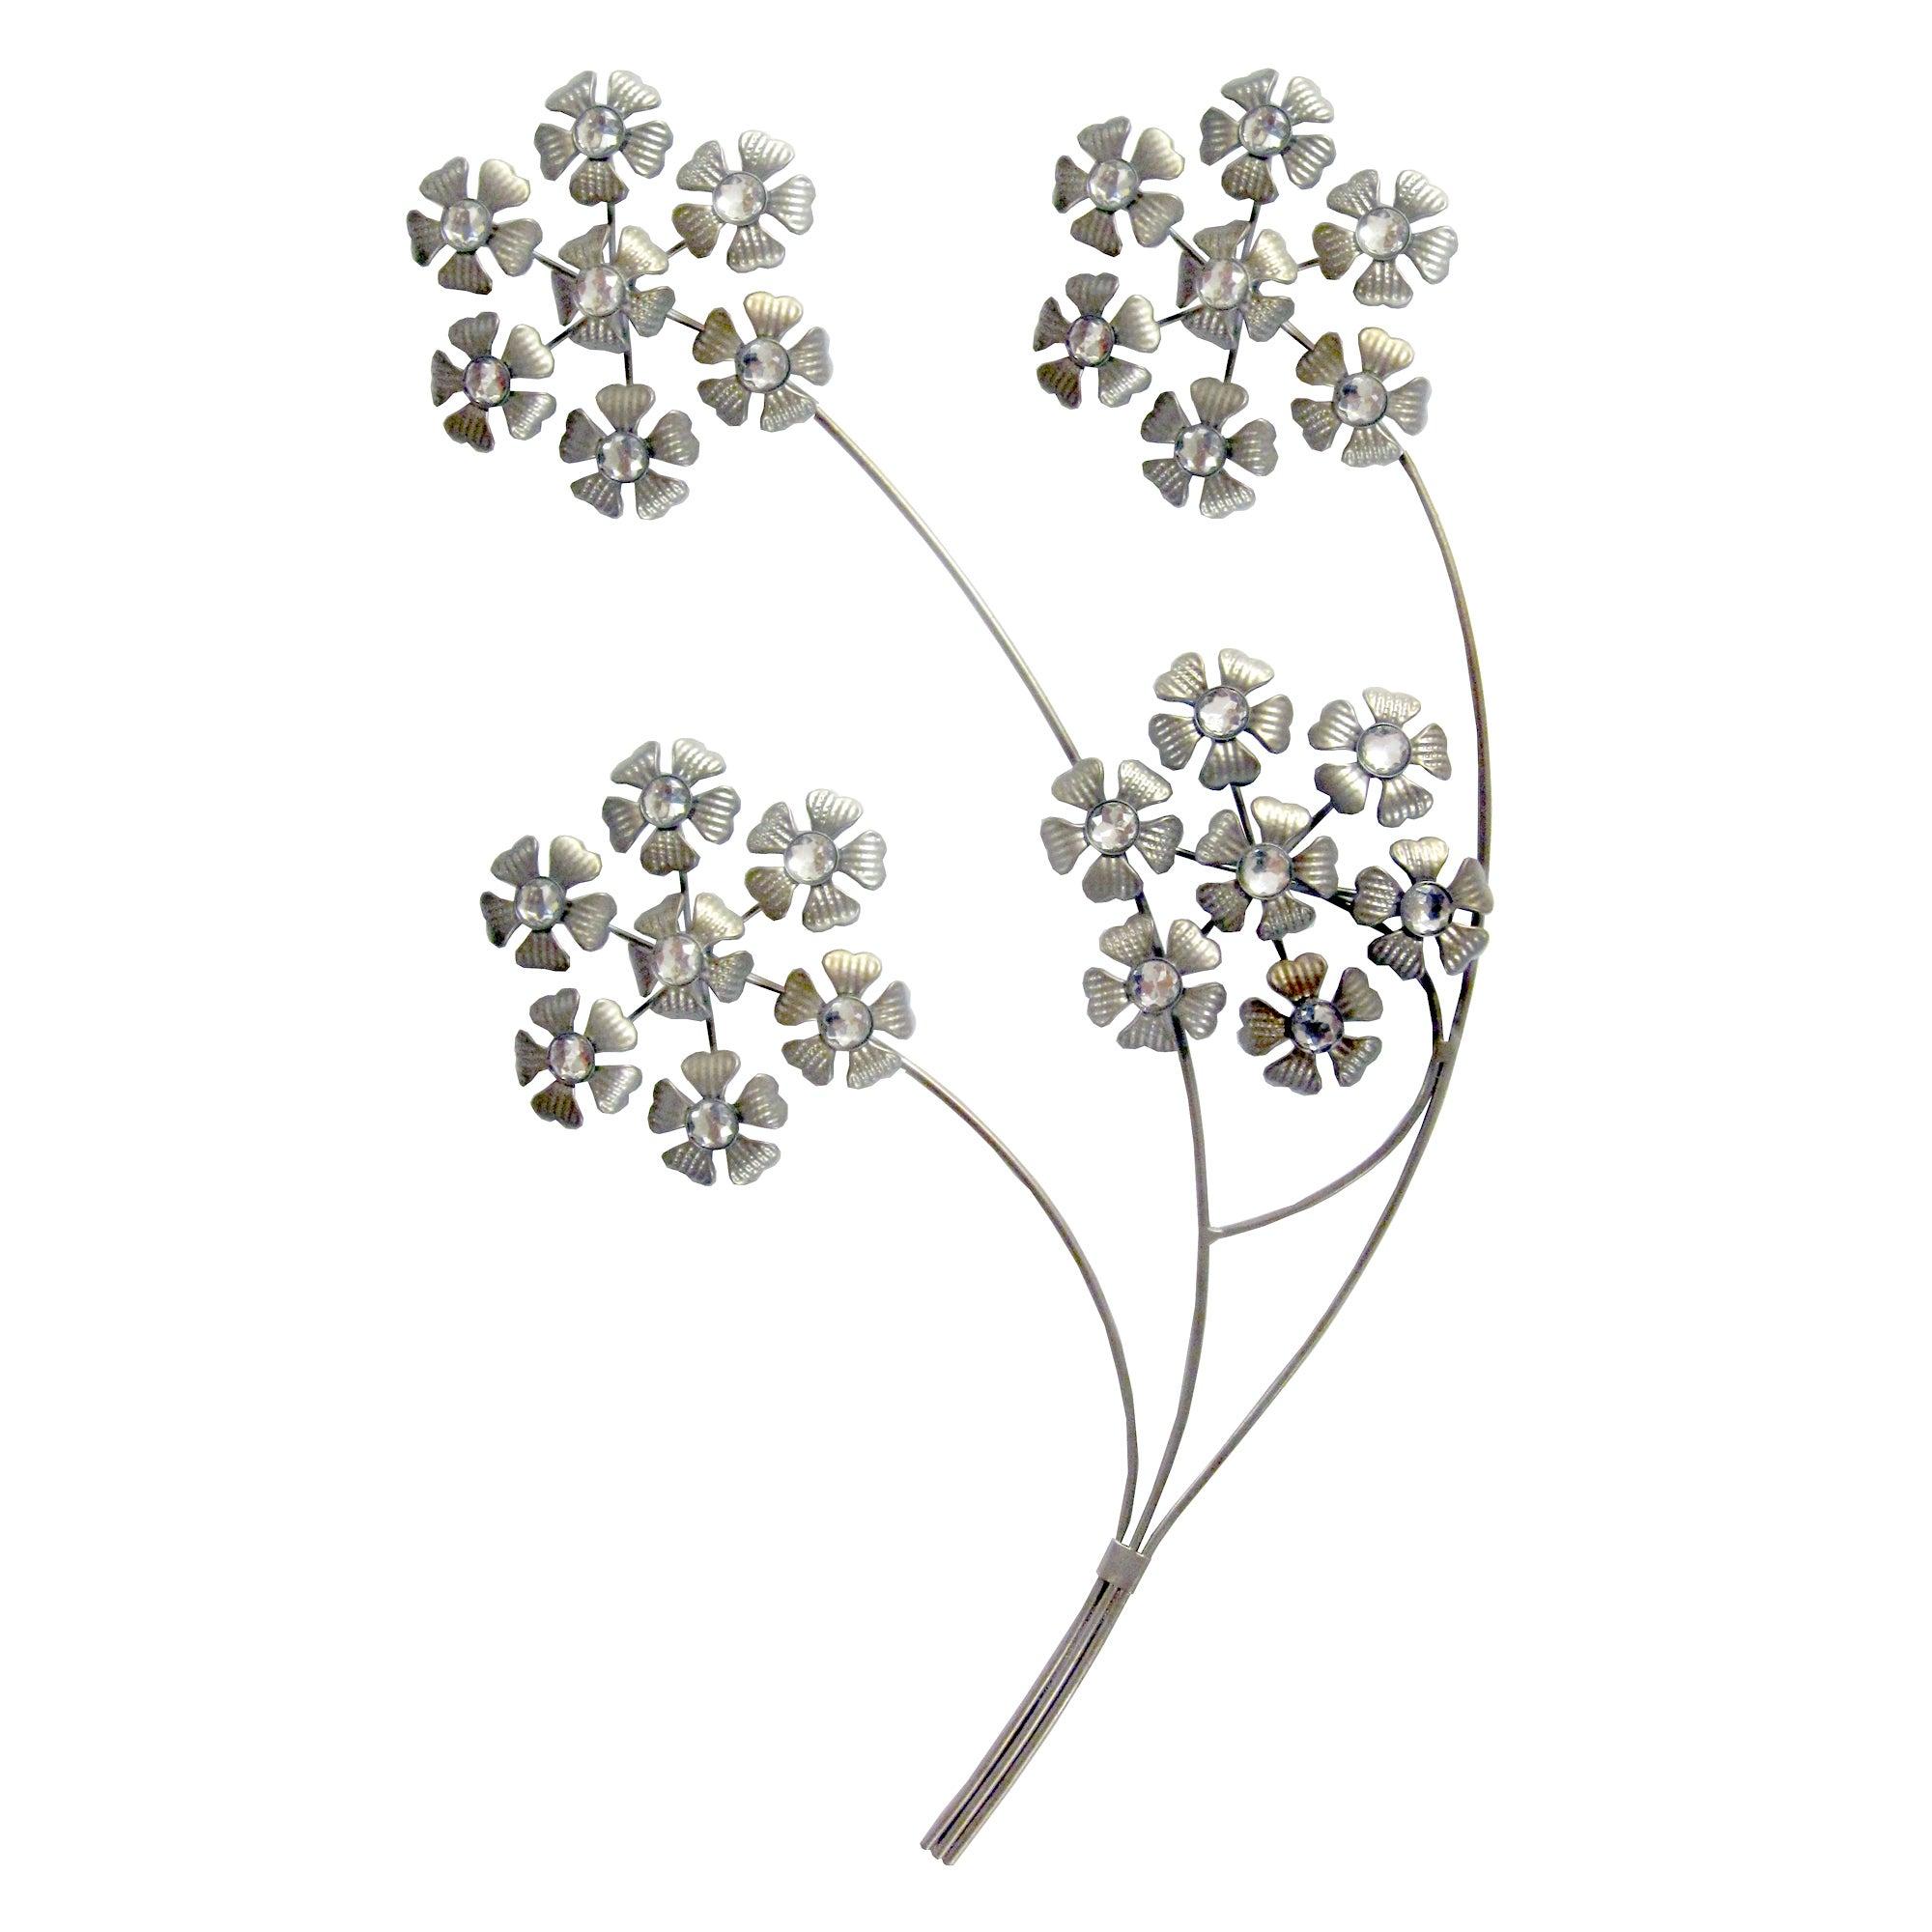 Silver Jewelled Hydrangea Heads Wall Art